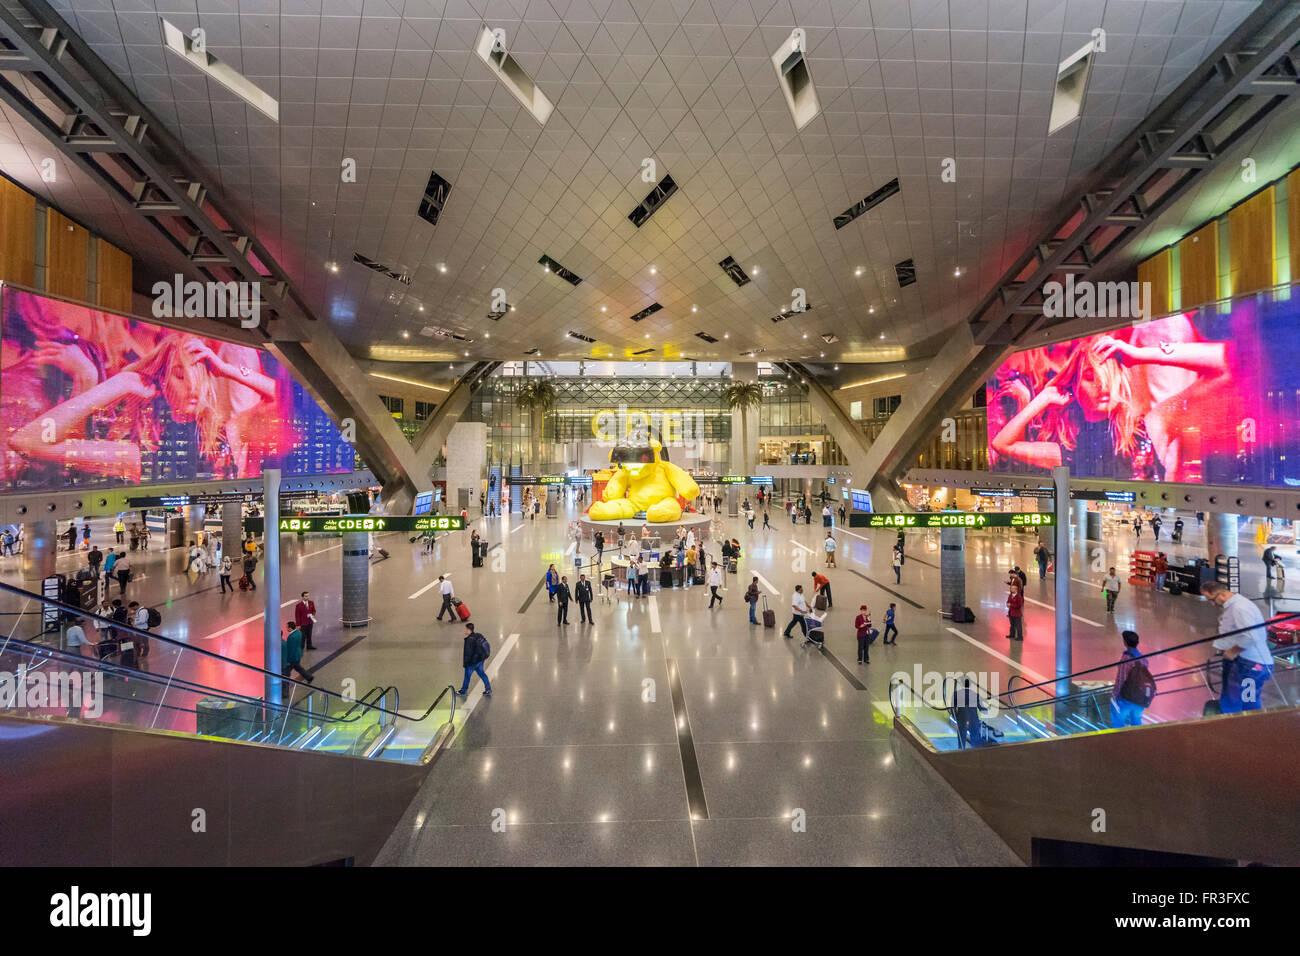 Intérieur de l'aérogare moderne à l'Aéroport International Hamad nouveau à Doha Qatar Banque D'Images